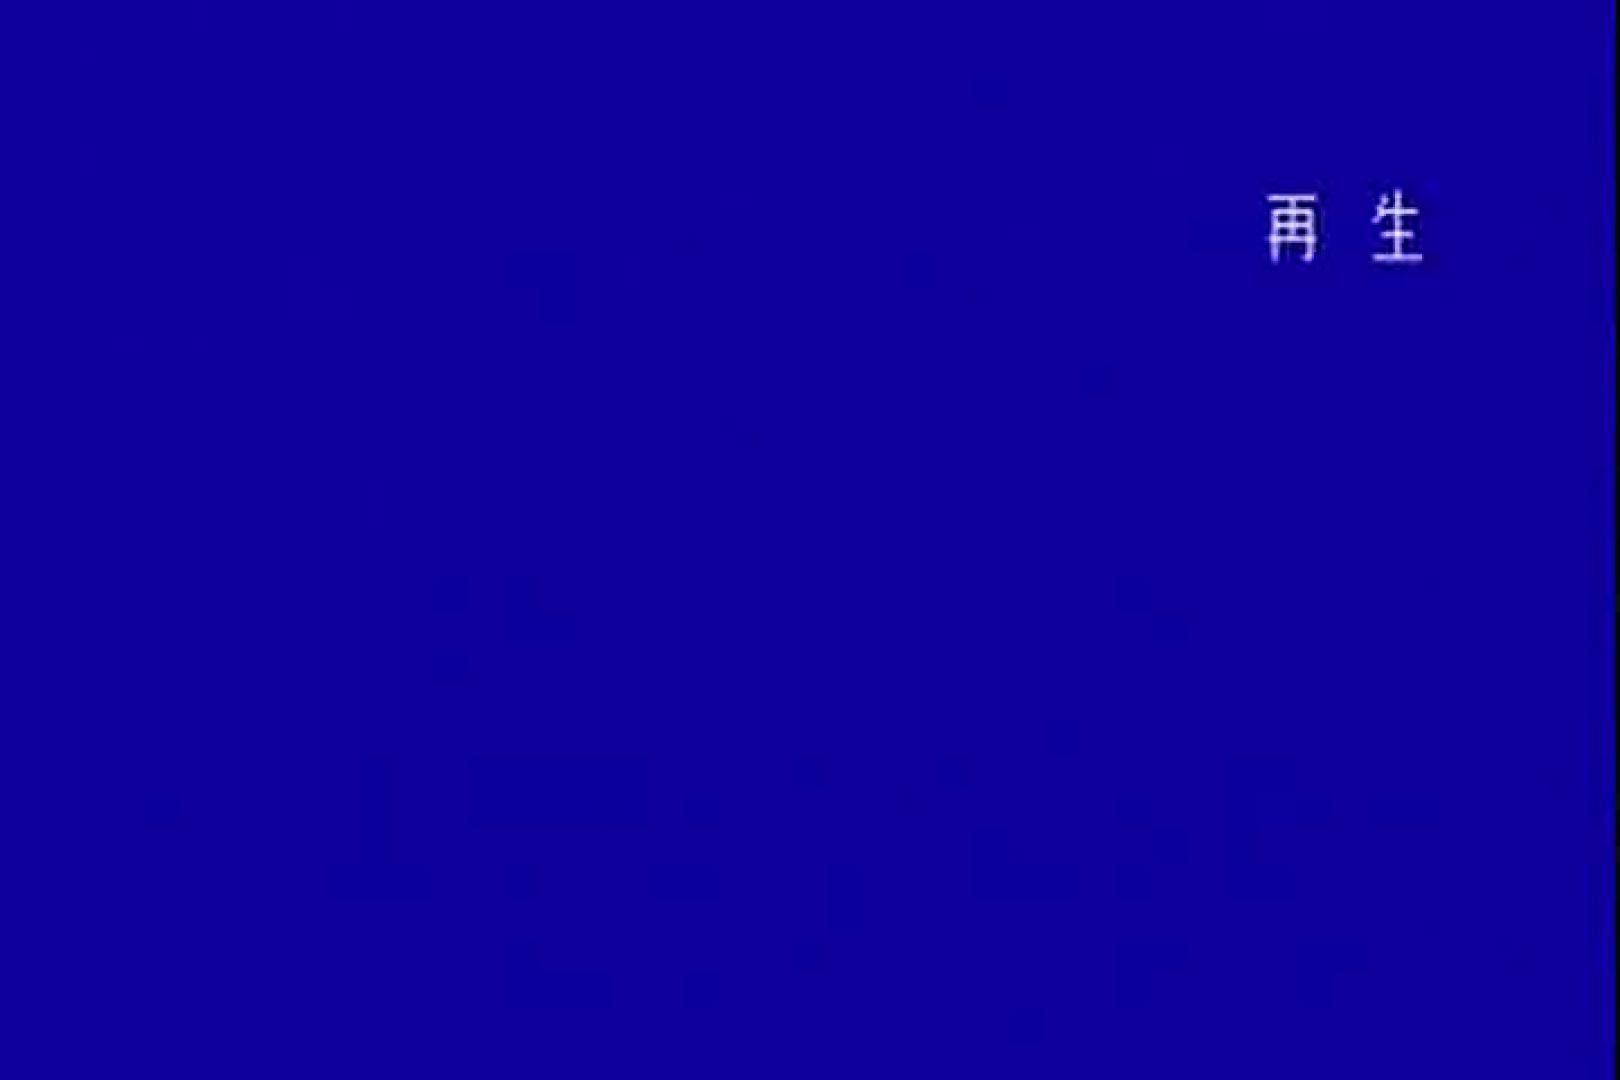 「ちくりん」さんのオリジナル未編集パンチラVol.4_02 エロいお姉さん ヌード画像 98枚